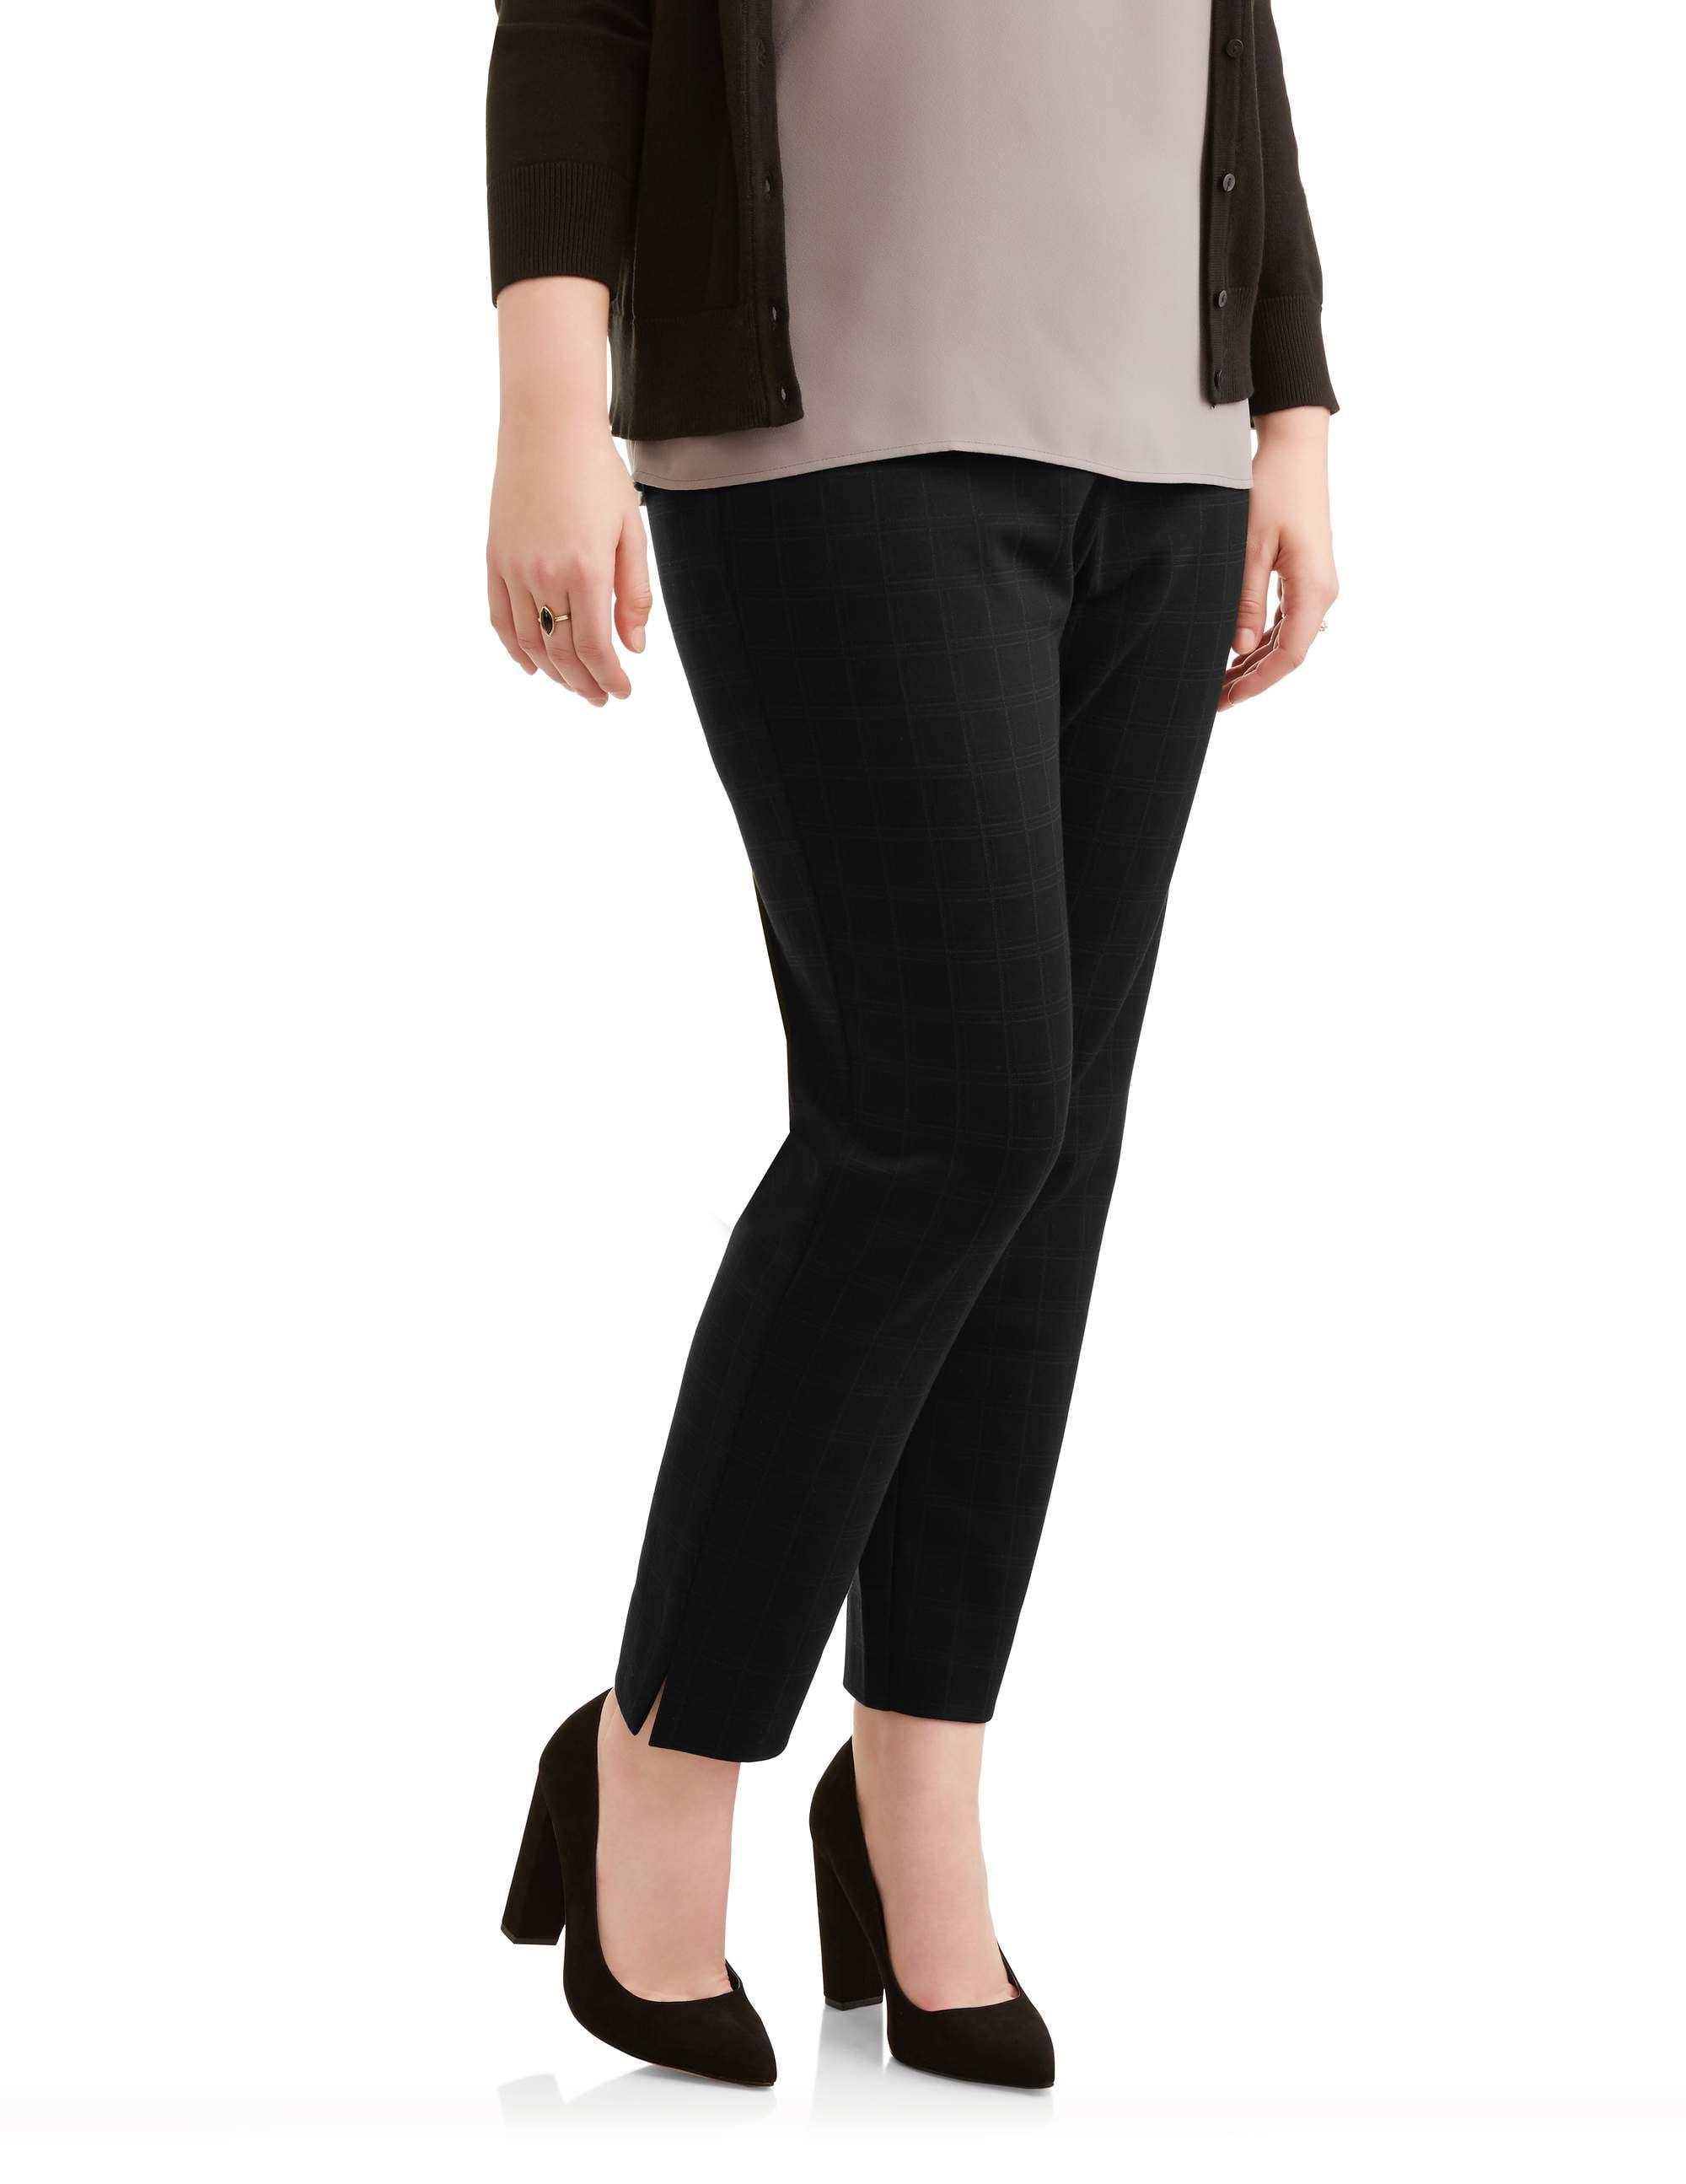 Lifestyle Attitudes Women's Plus Ankle Length Plaid Knit Career Pant